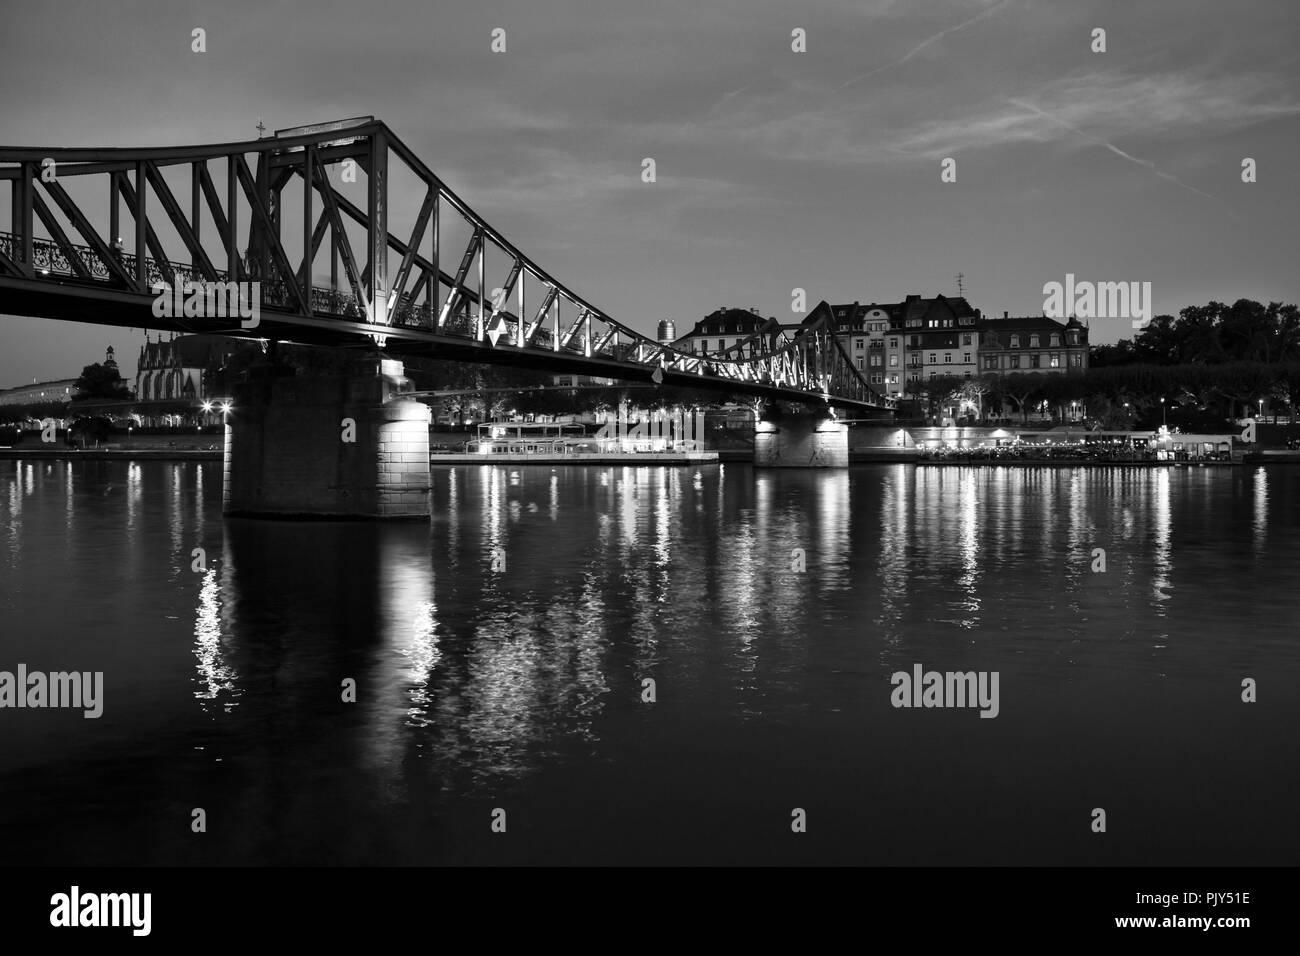 Europa Deutschland Hessen Rhein-Main Frankfurt am Main bei Nacht Eiserner Steg Stockbild